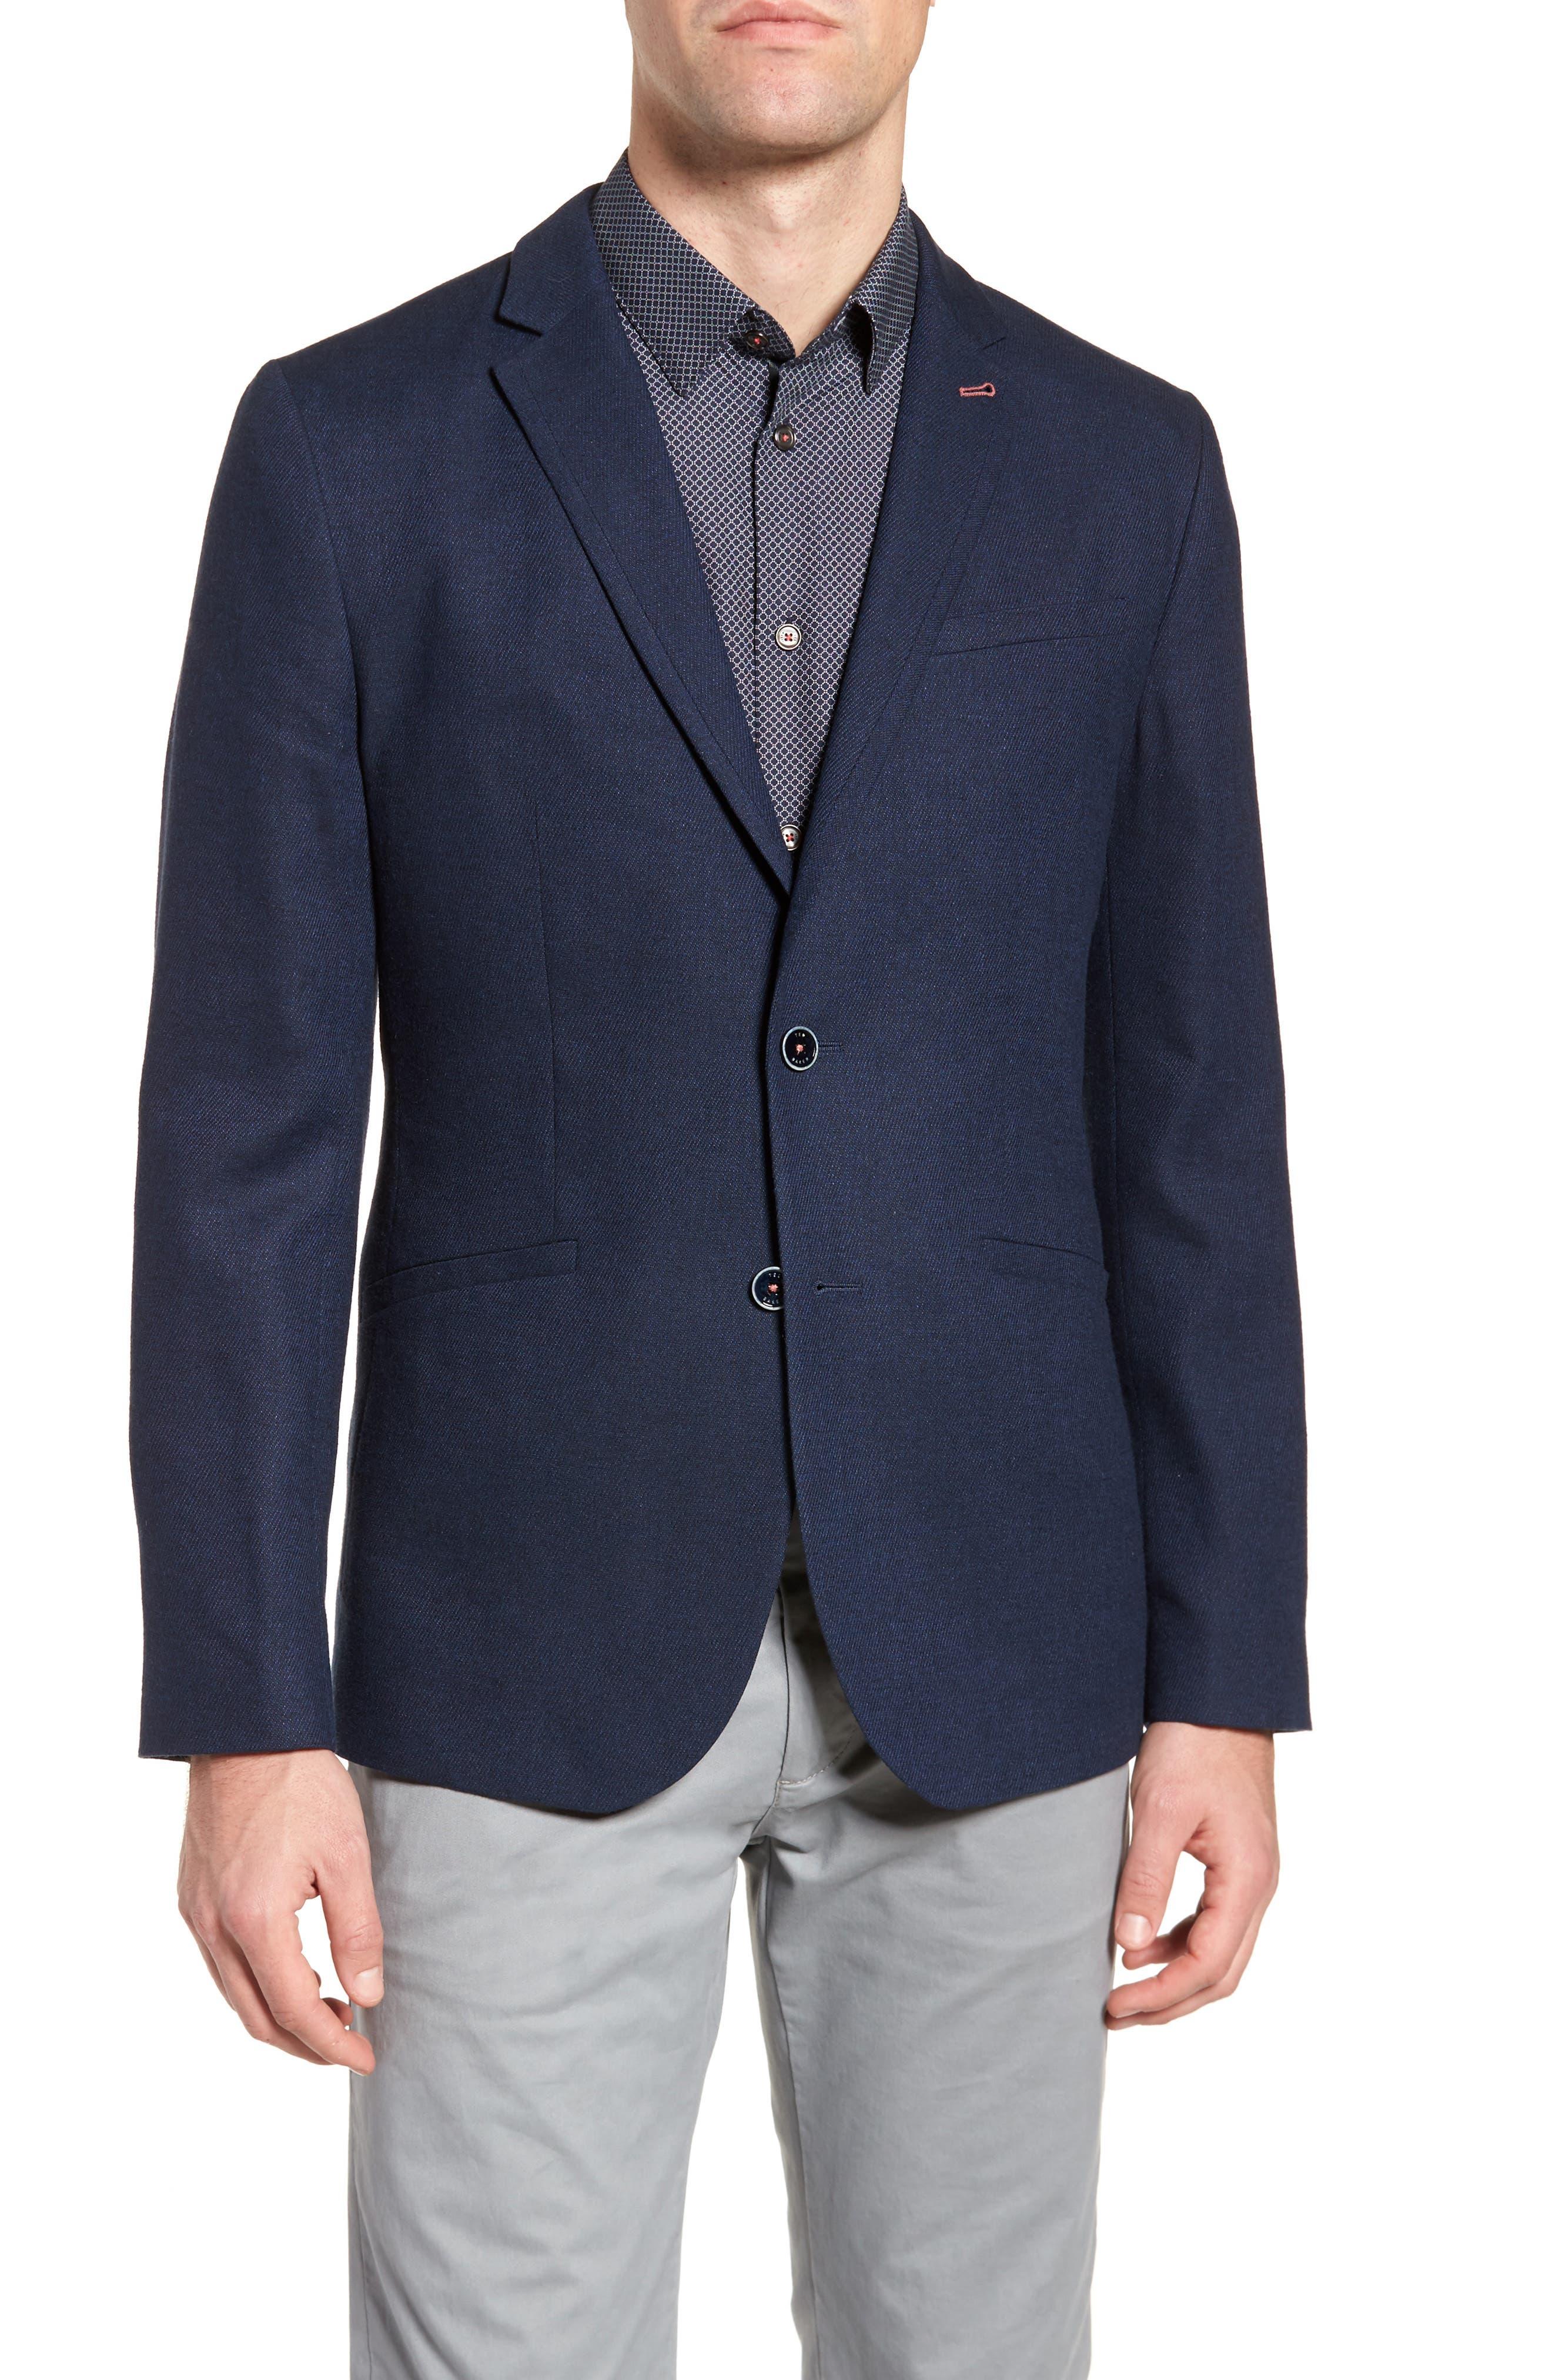 Hines Trim Fit Linen Blend Blazer,                         Main,                         color, 410